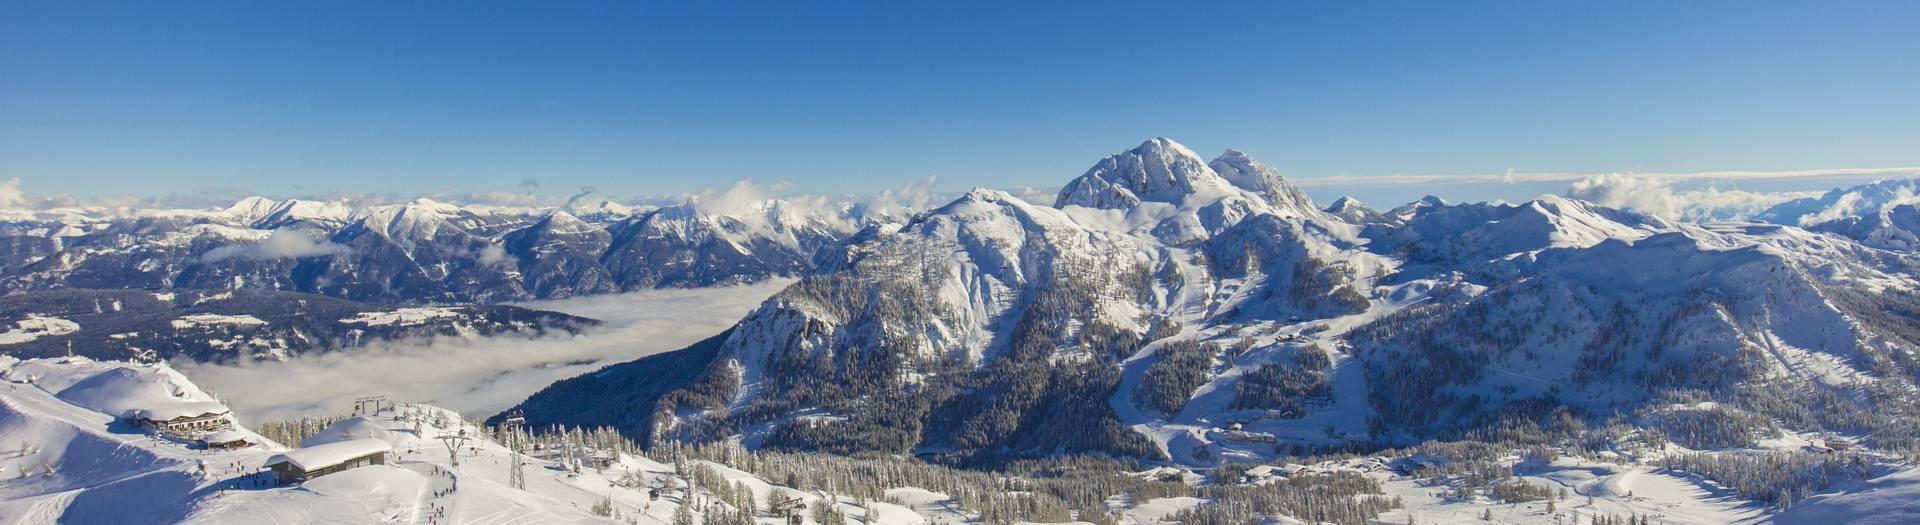 Winterlandschaft Nassfeld